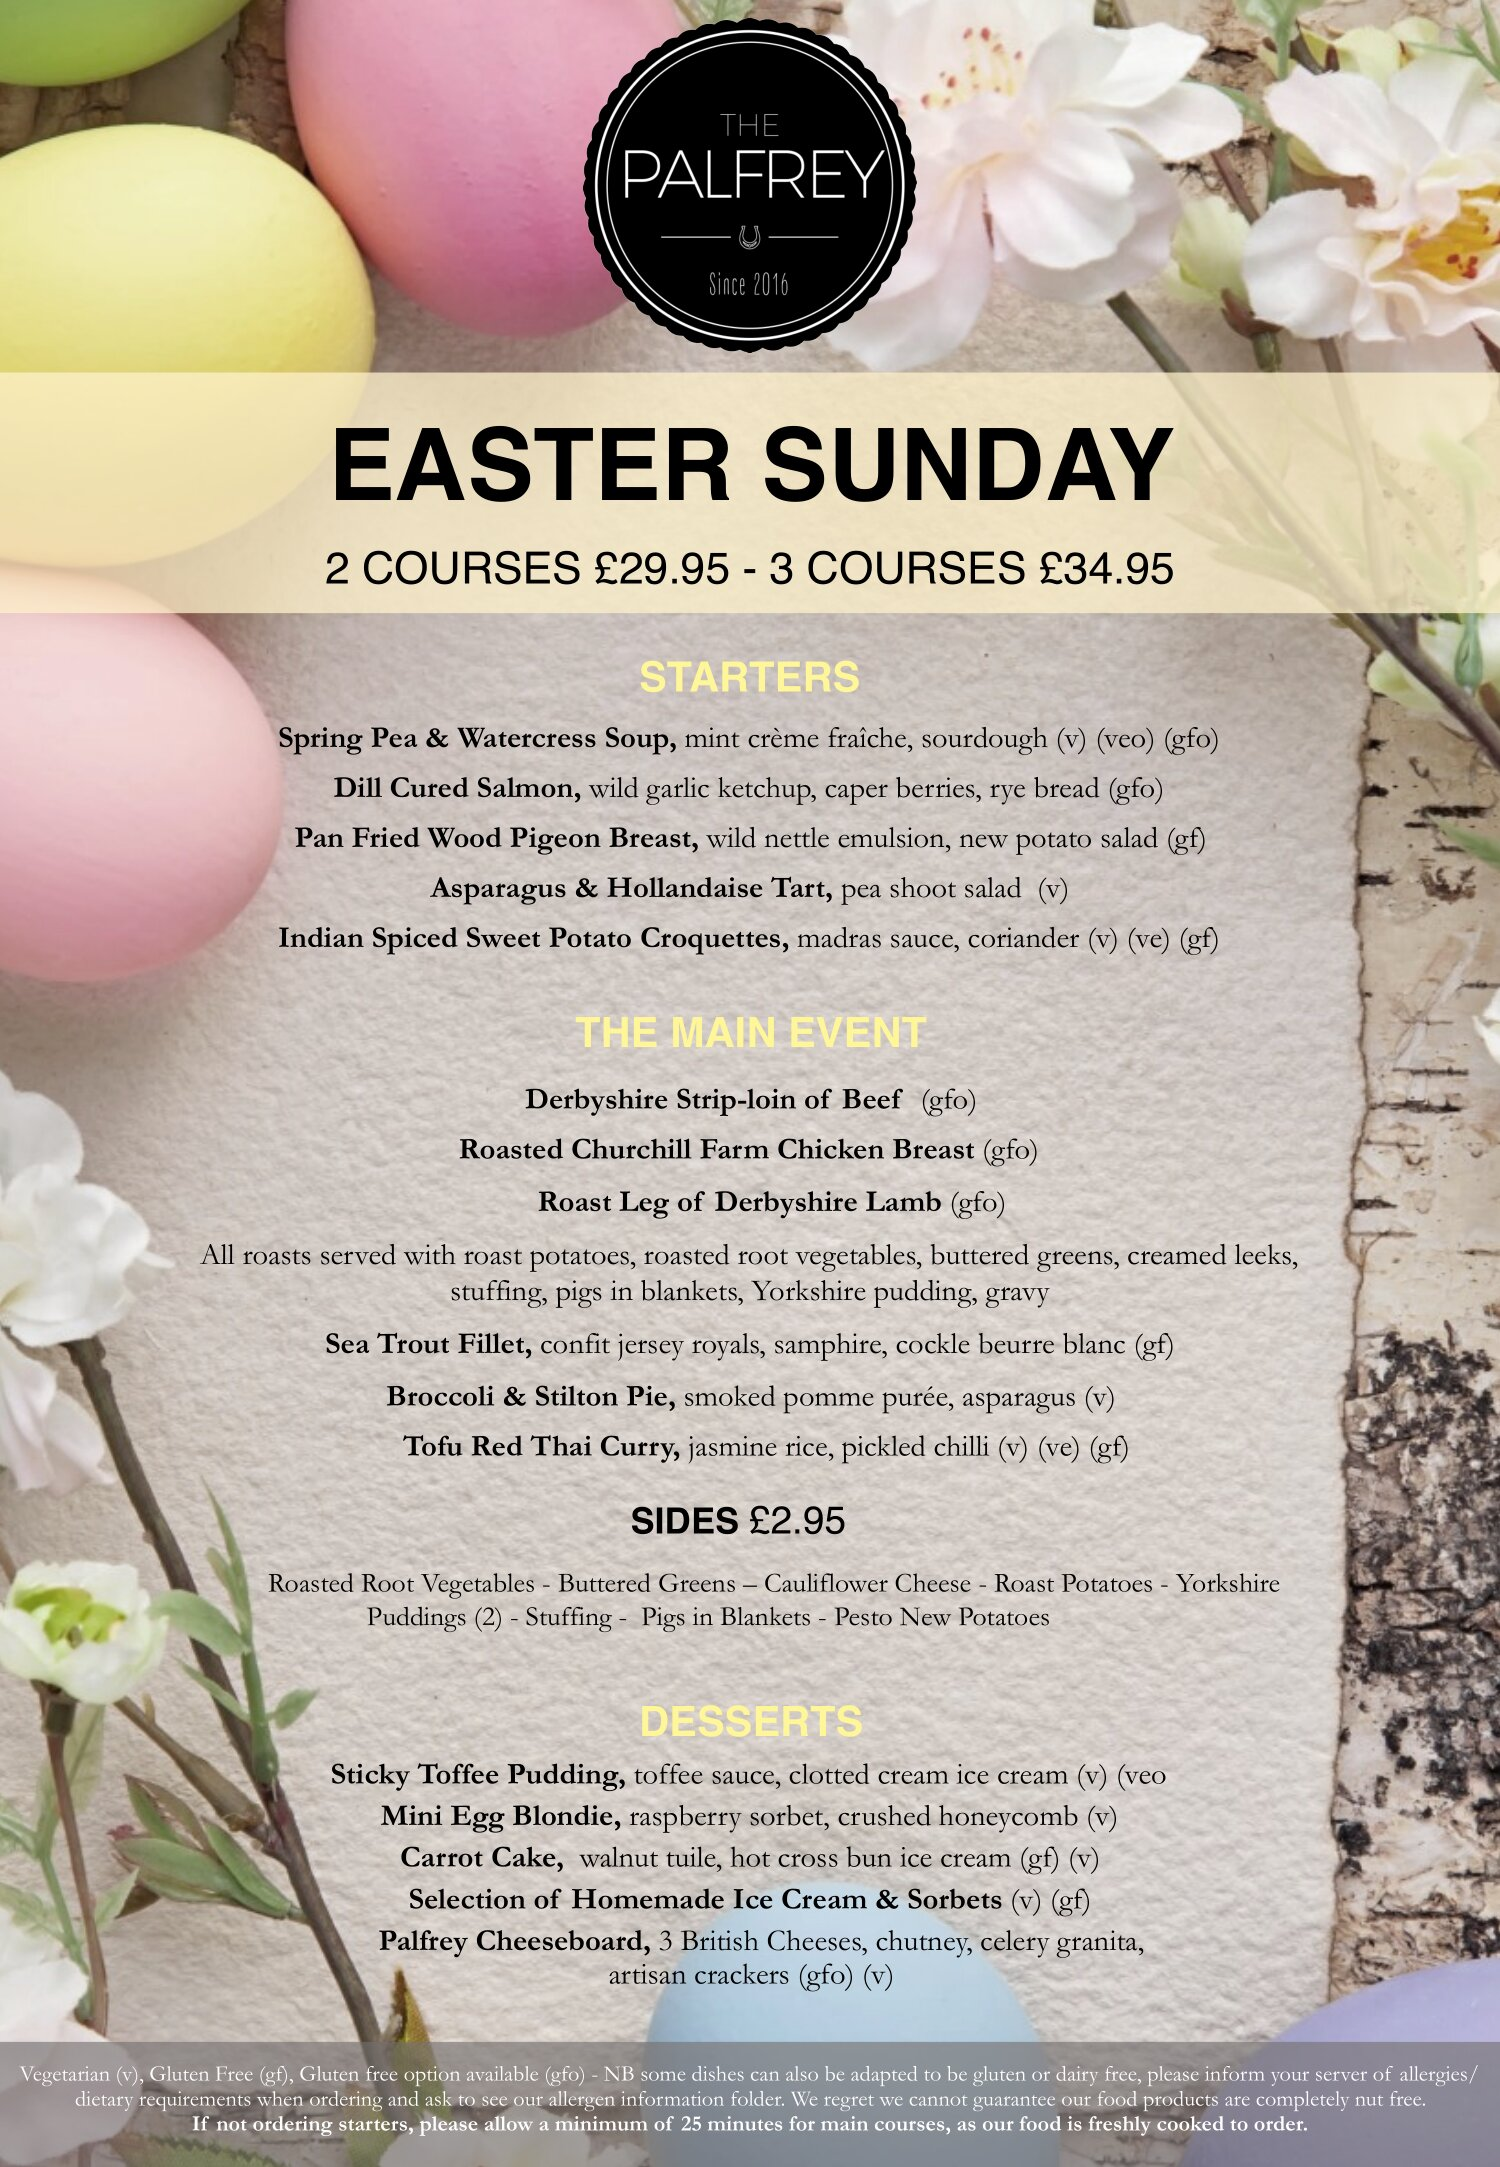 Palfrey - Easter Sunday_1-1